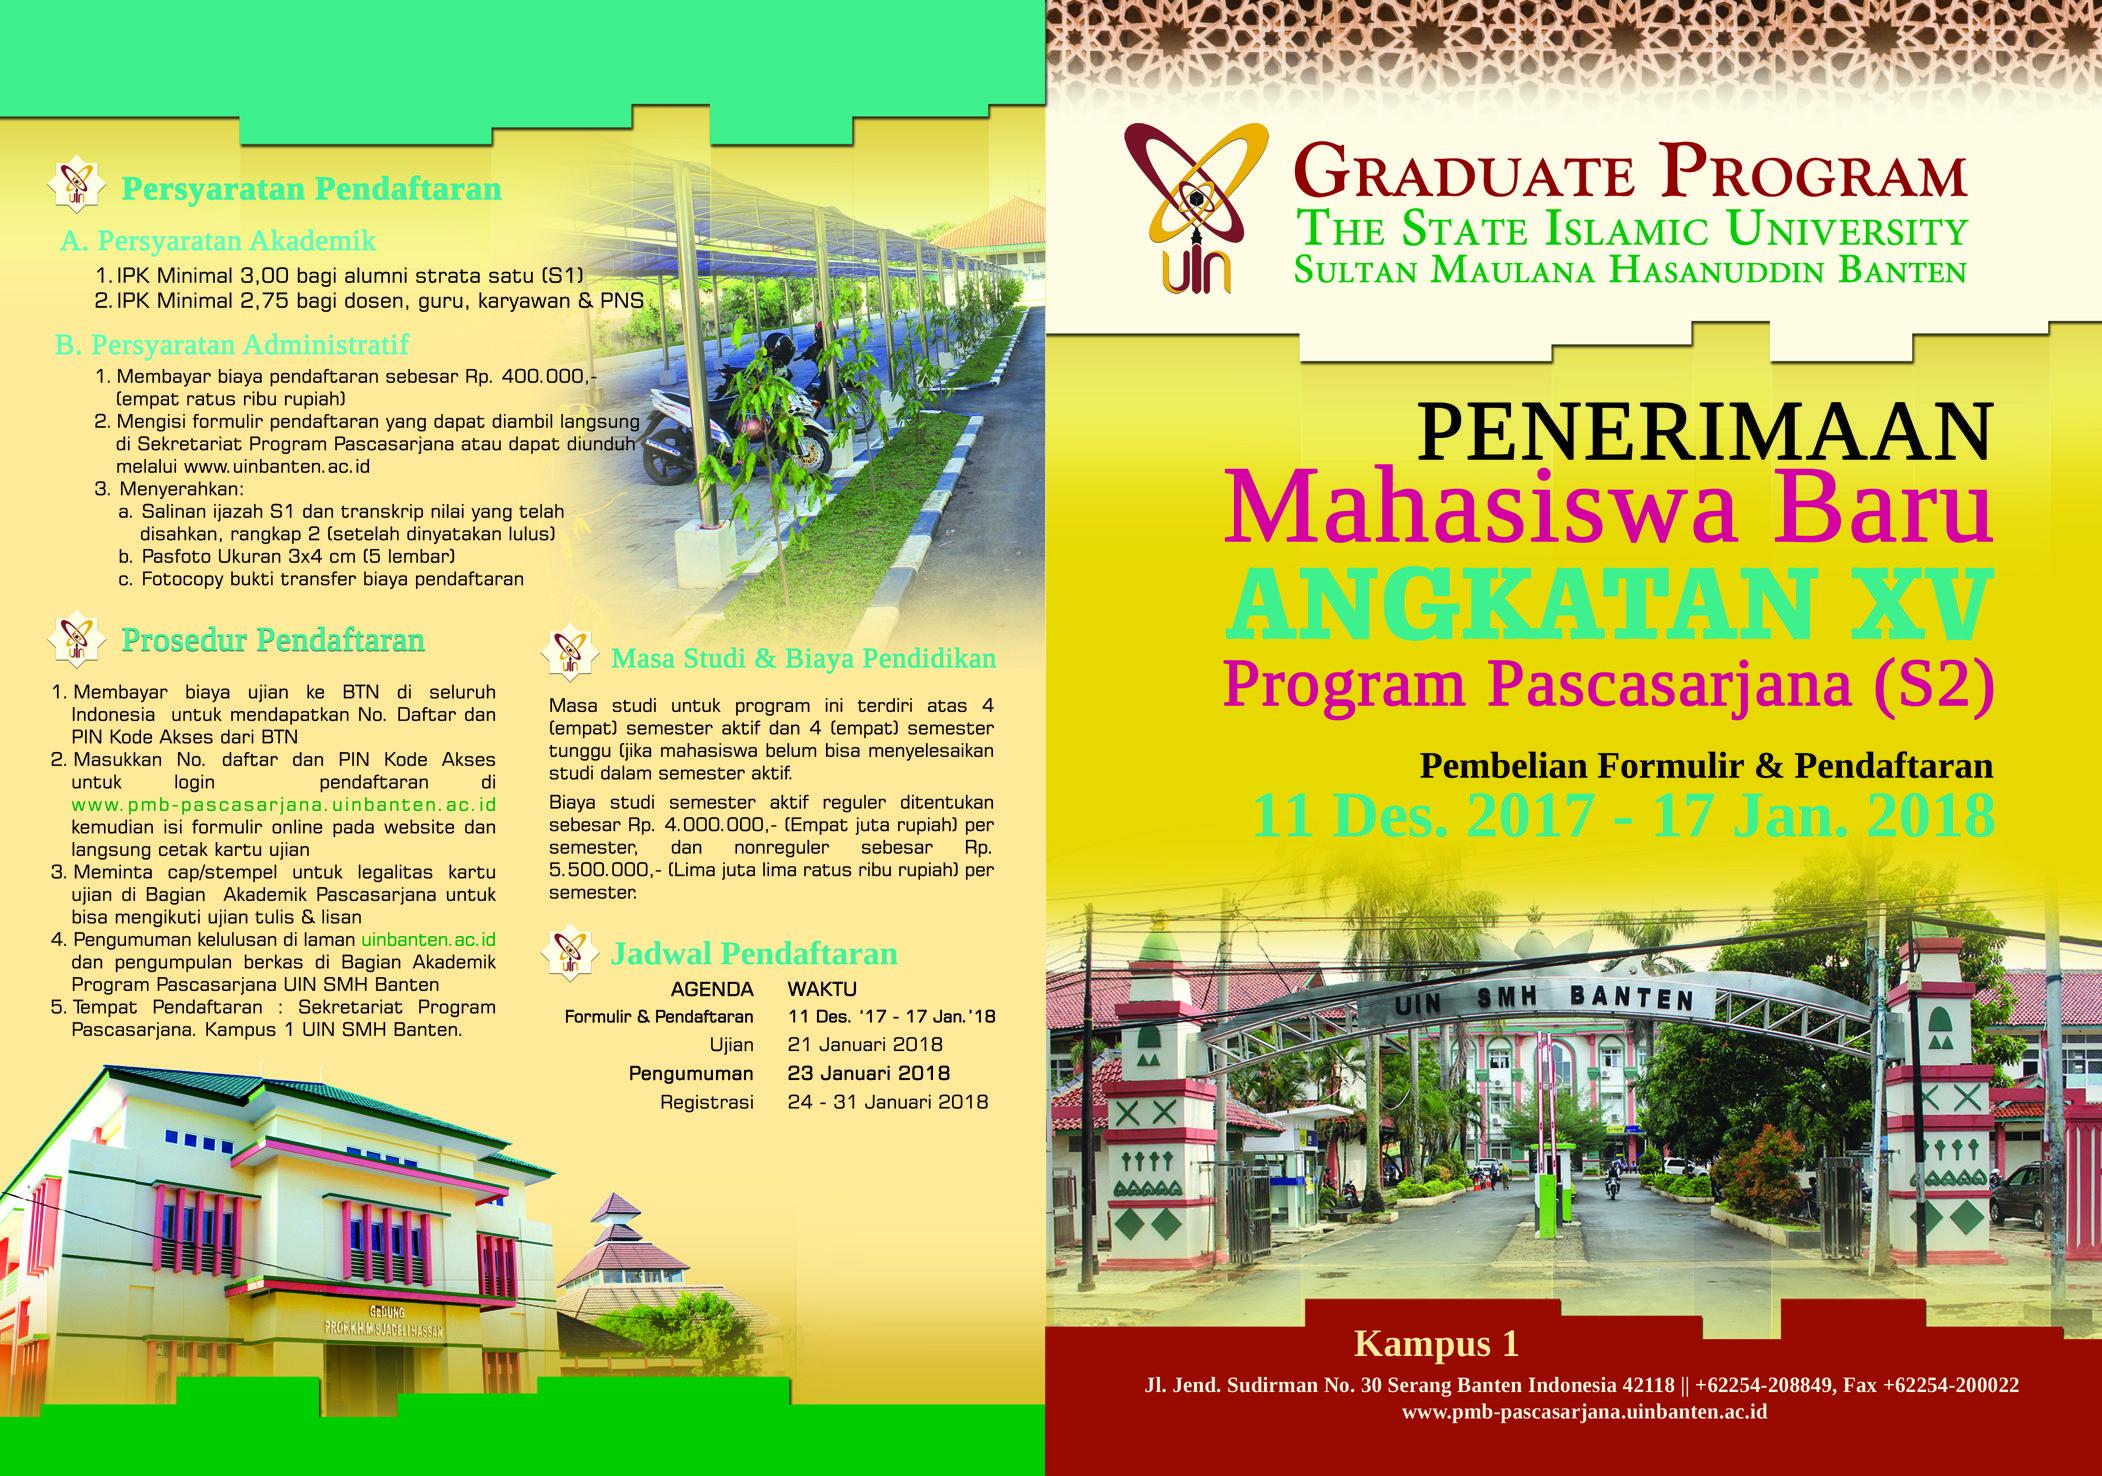 Gambar Sultan Hasanuddin Banten